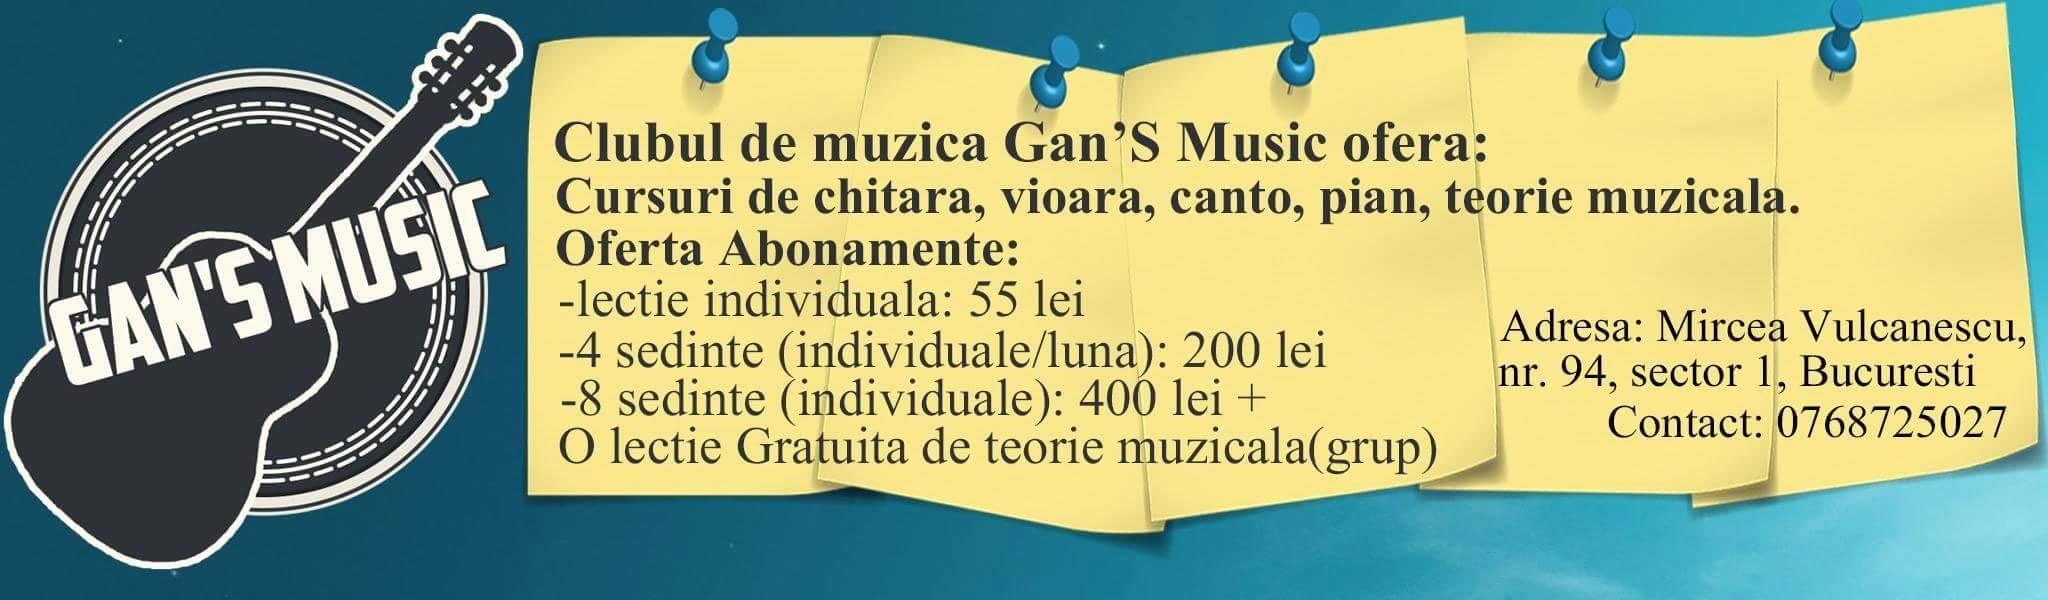 Cursuri muzica sector 1 bucuresti